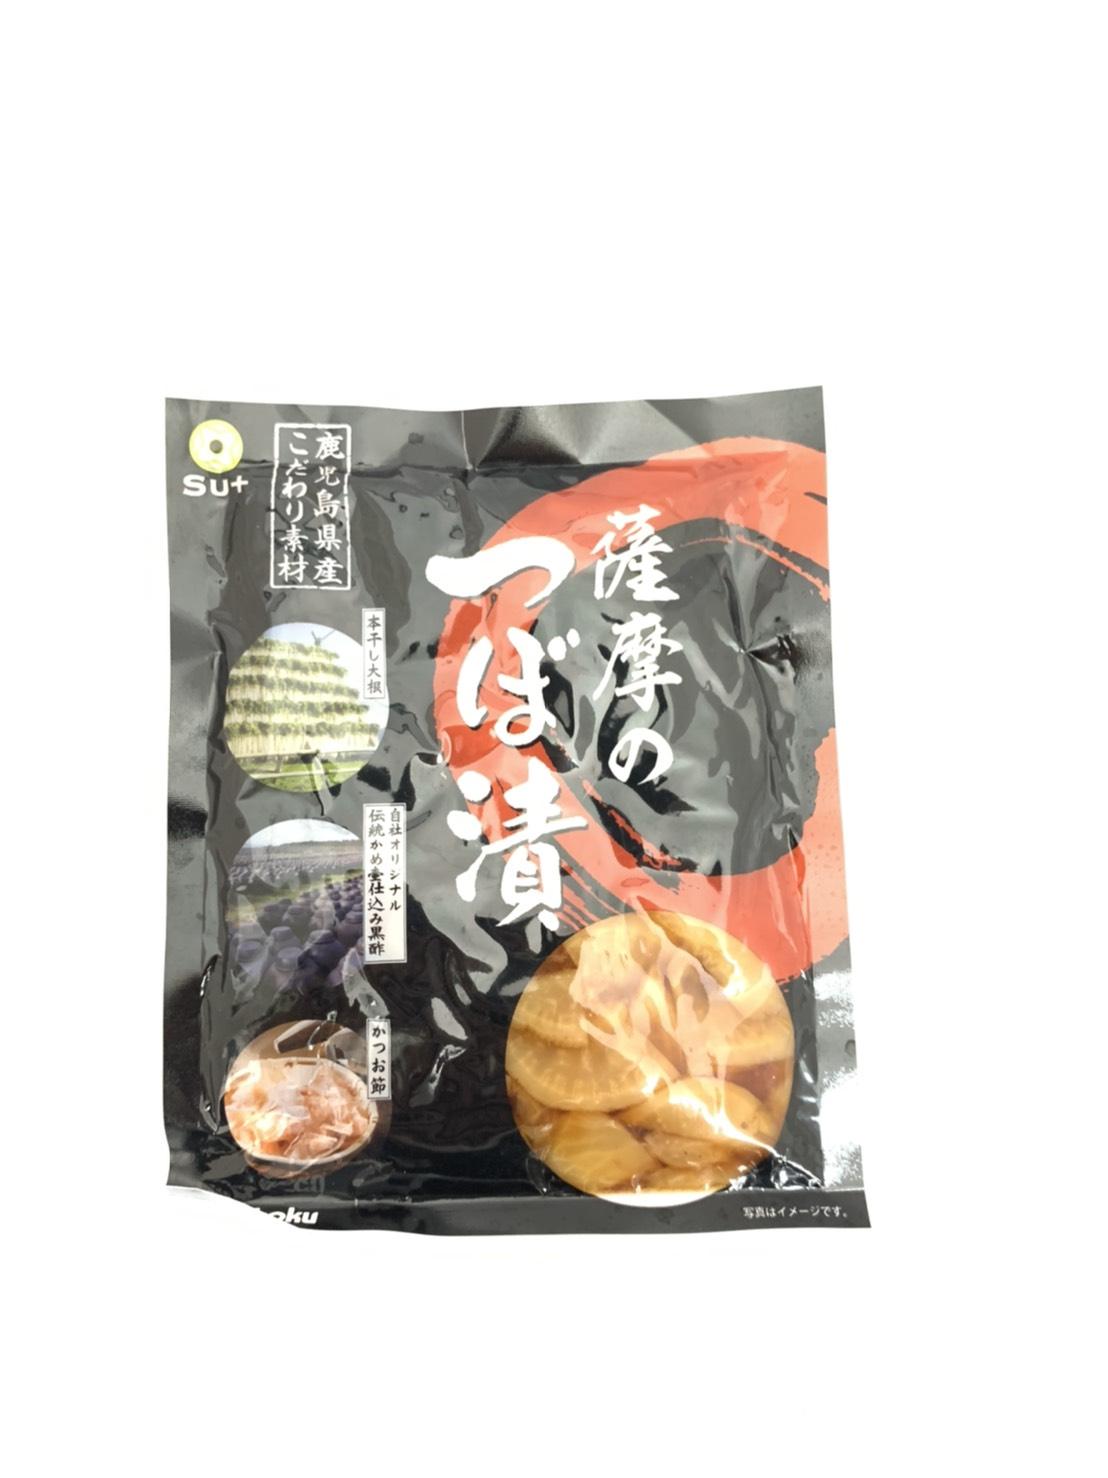 薩摩のつぼ漬(120g)